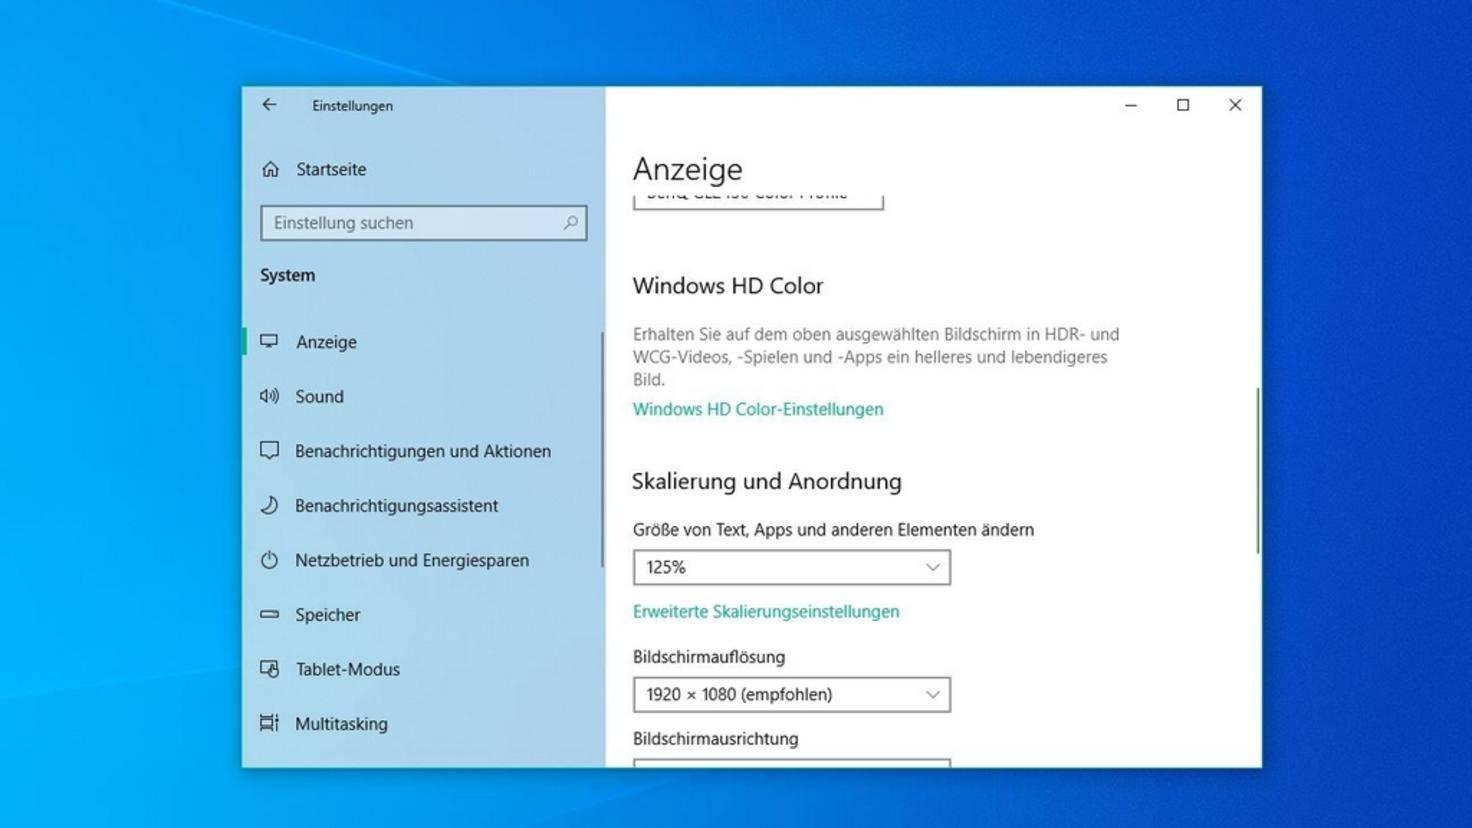 Bildschirm vergrößern: So gehts in Windows 10 & auf dem Handy